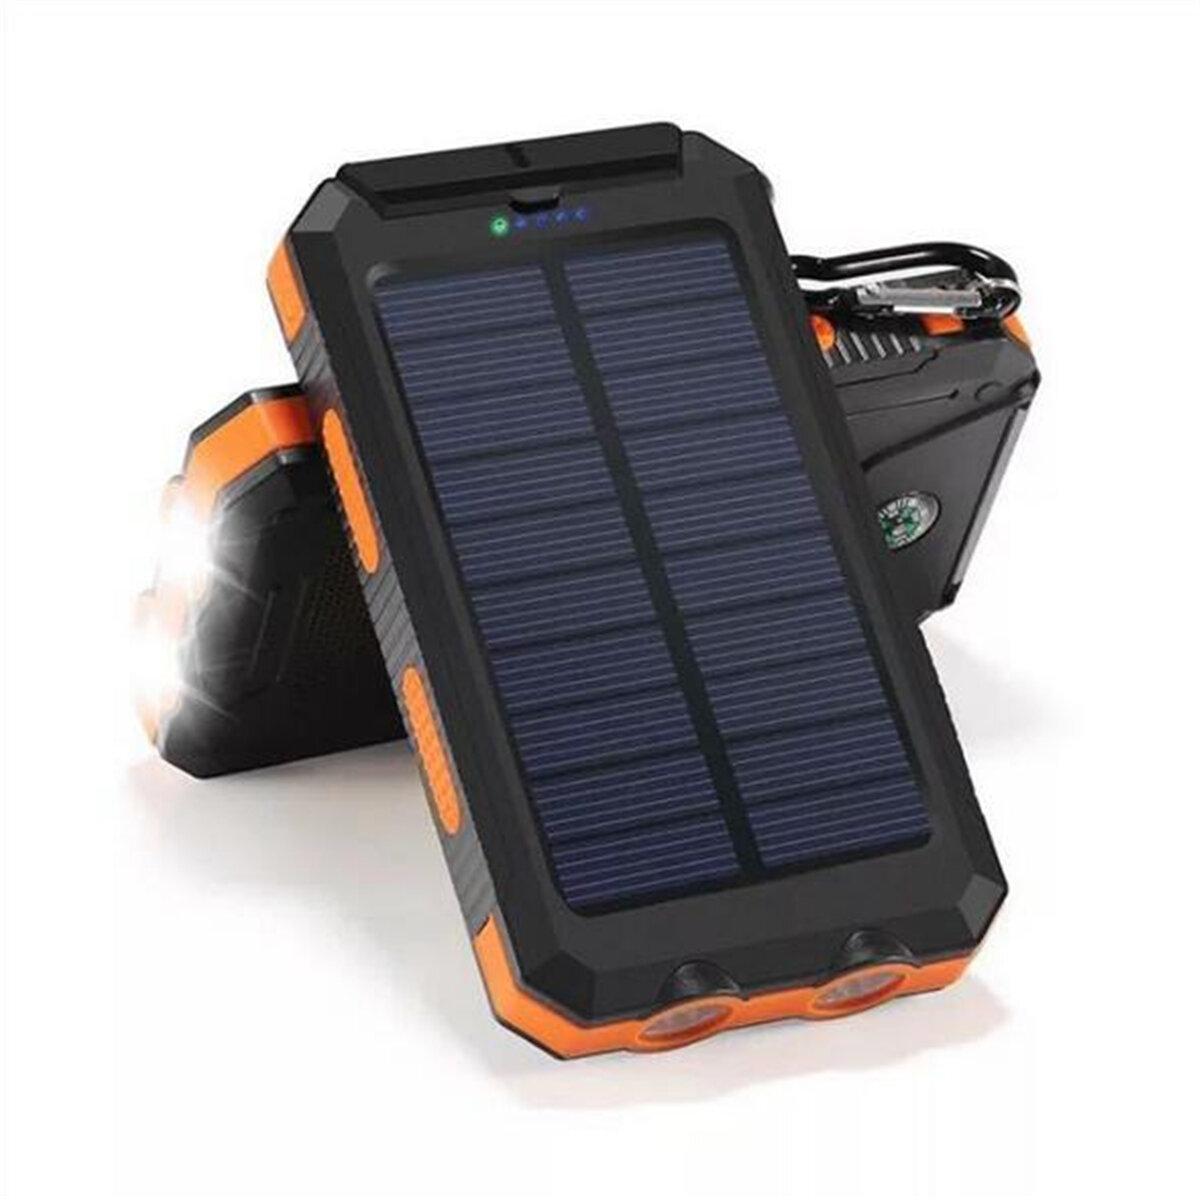 Bakeey Kit di cassa per banca di alimentazione Dual USB DIY solare da 20000mAh con bussola luce a led